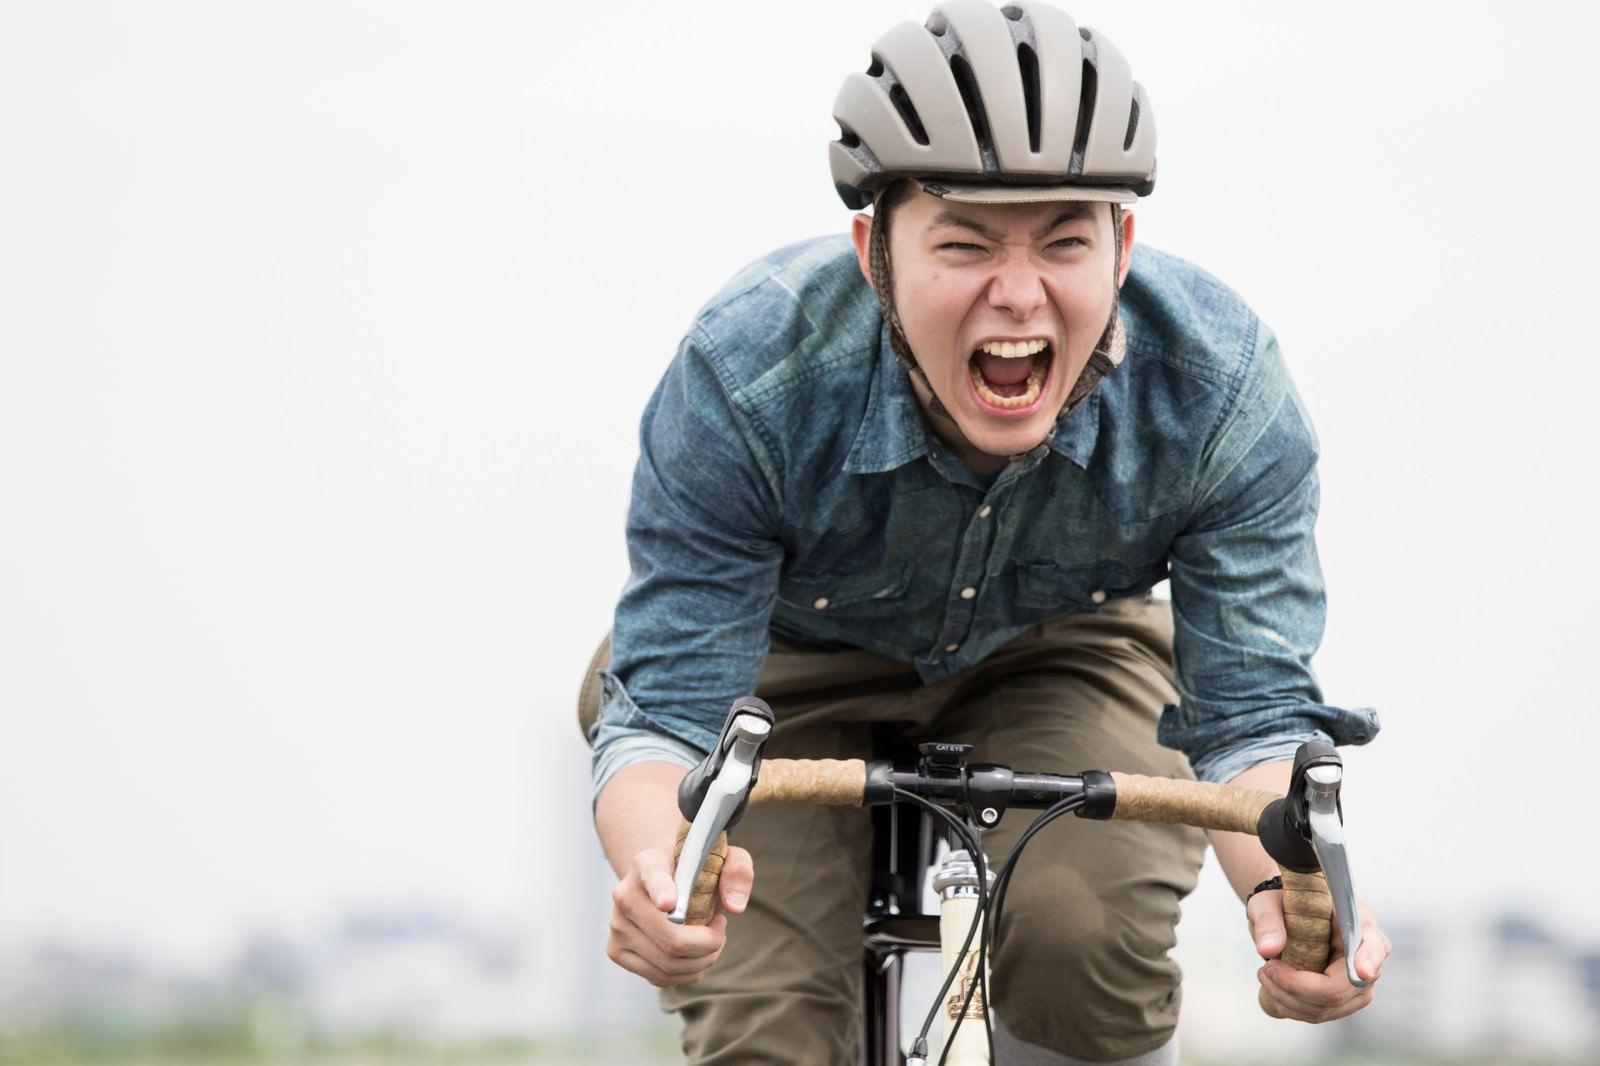 「フィギュア発売日に自転車で秋葉原に急ぐフィギュア発売日に自転車で秋葉原に急ぐ」[モデル:けんたさん]のフリー写真素材を拡大